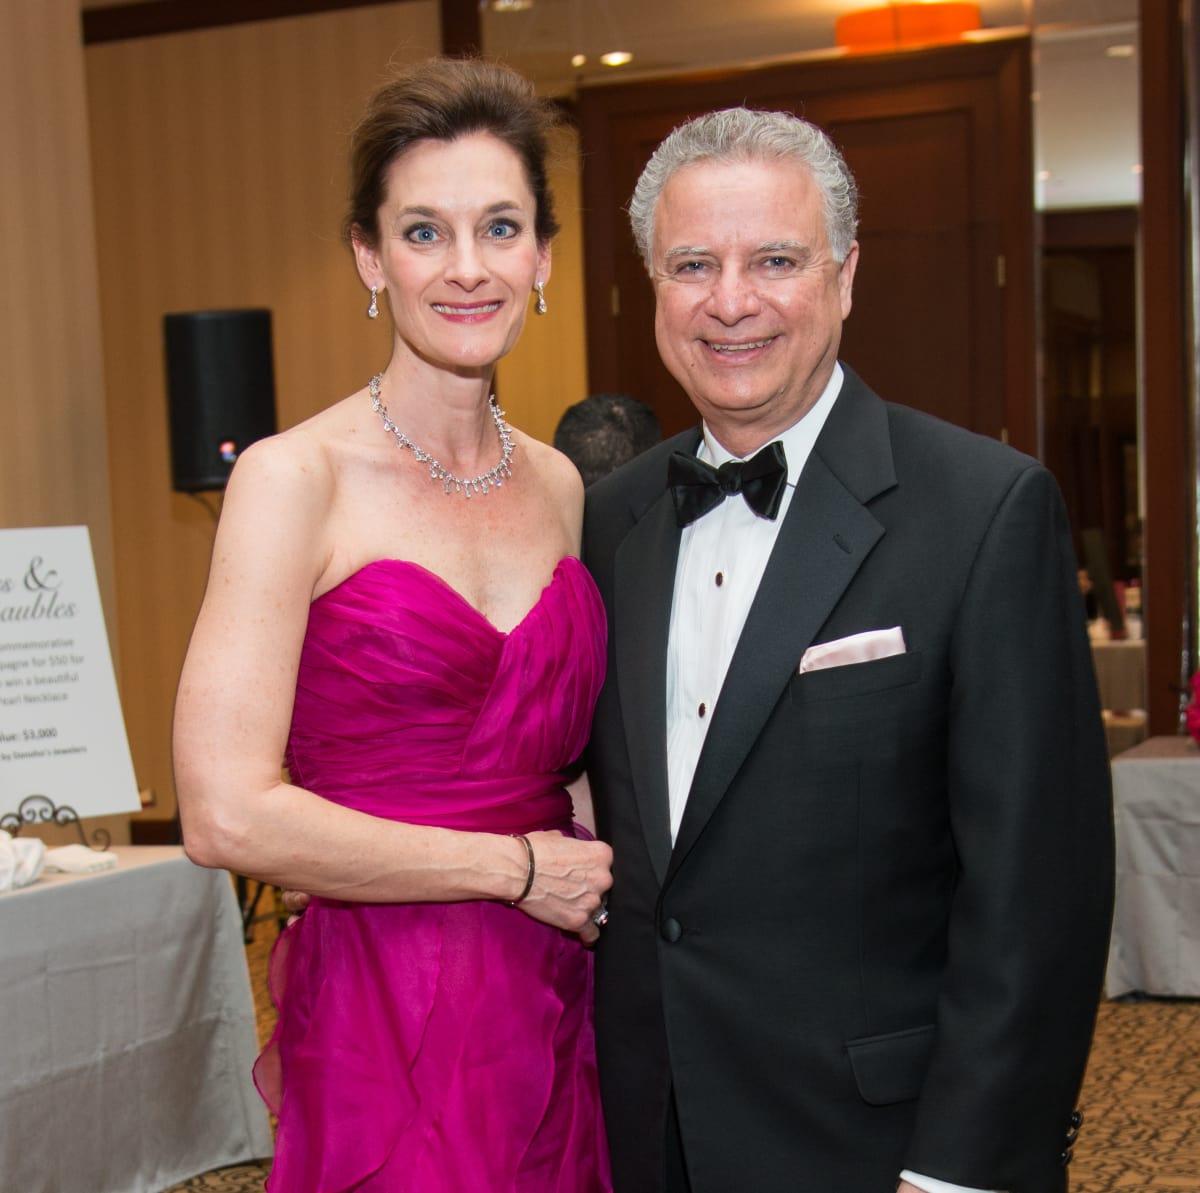 Komen Foundation Gala, Feb. 2016, Tricia Georgiou, Tricia Georgiou